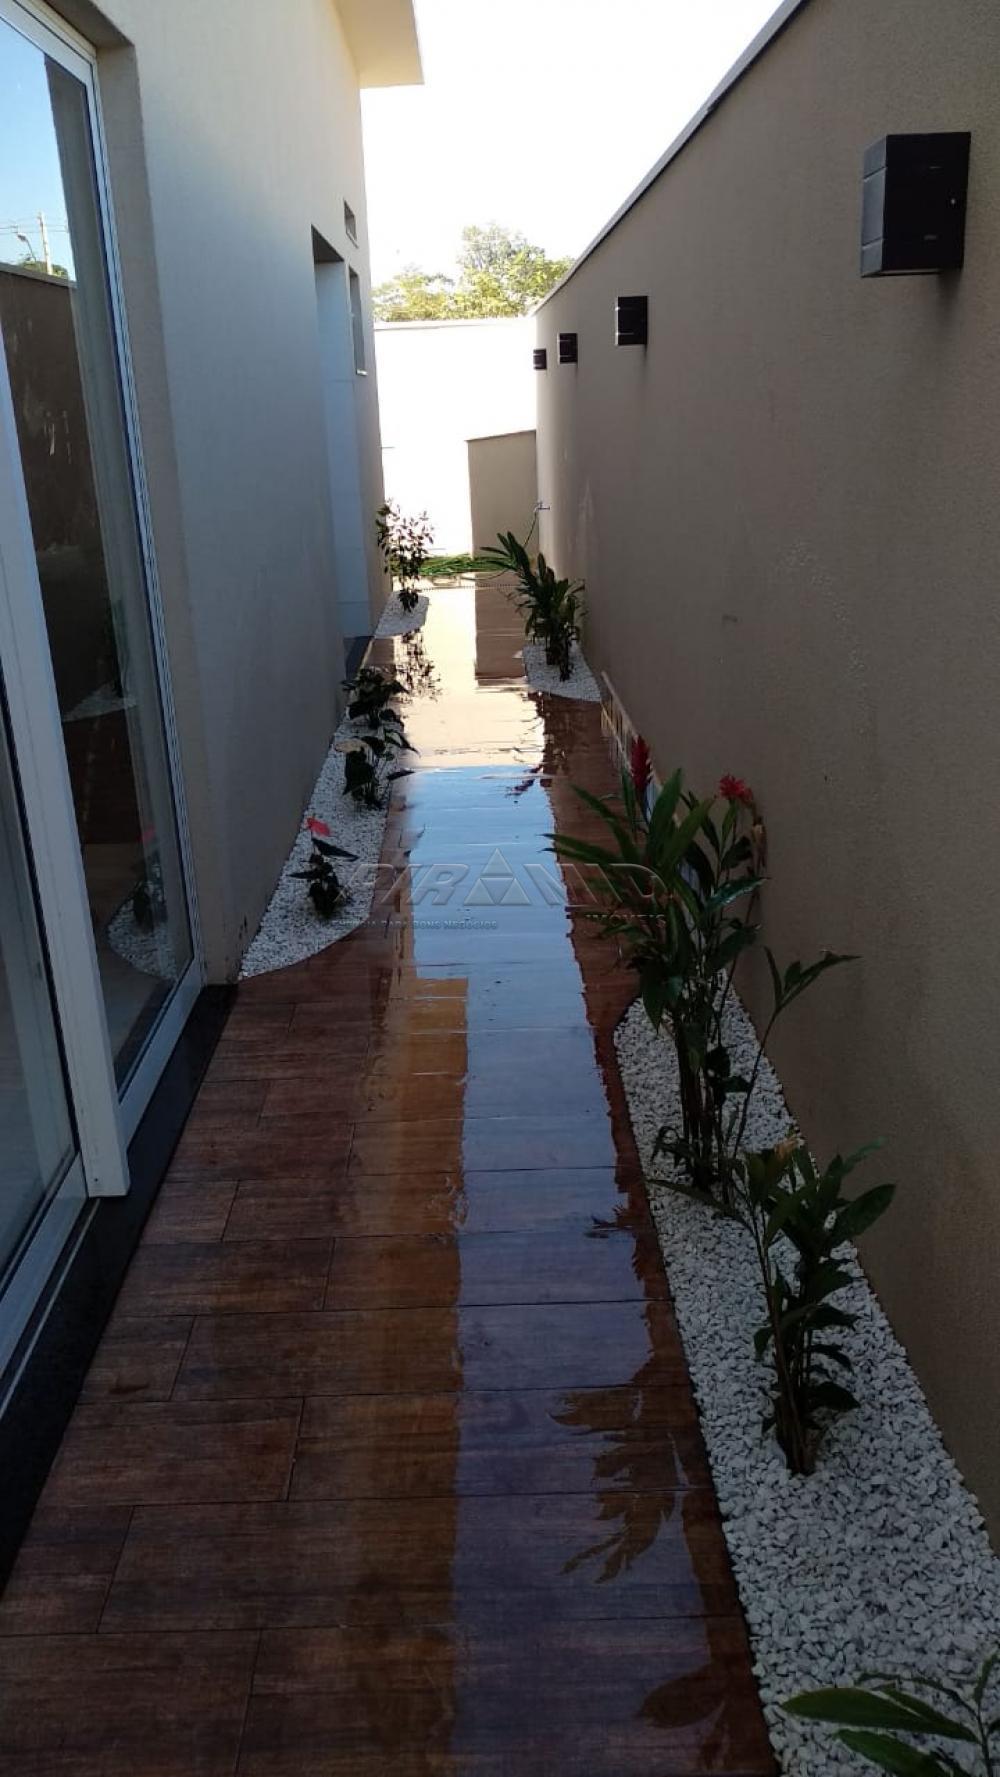 Comprar Casa / Condomínio em Ribeirão Preto apenas R$ 665.000,00 - Foto 12